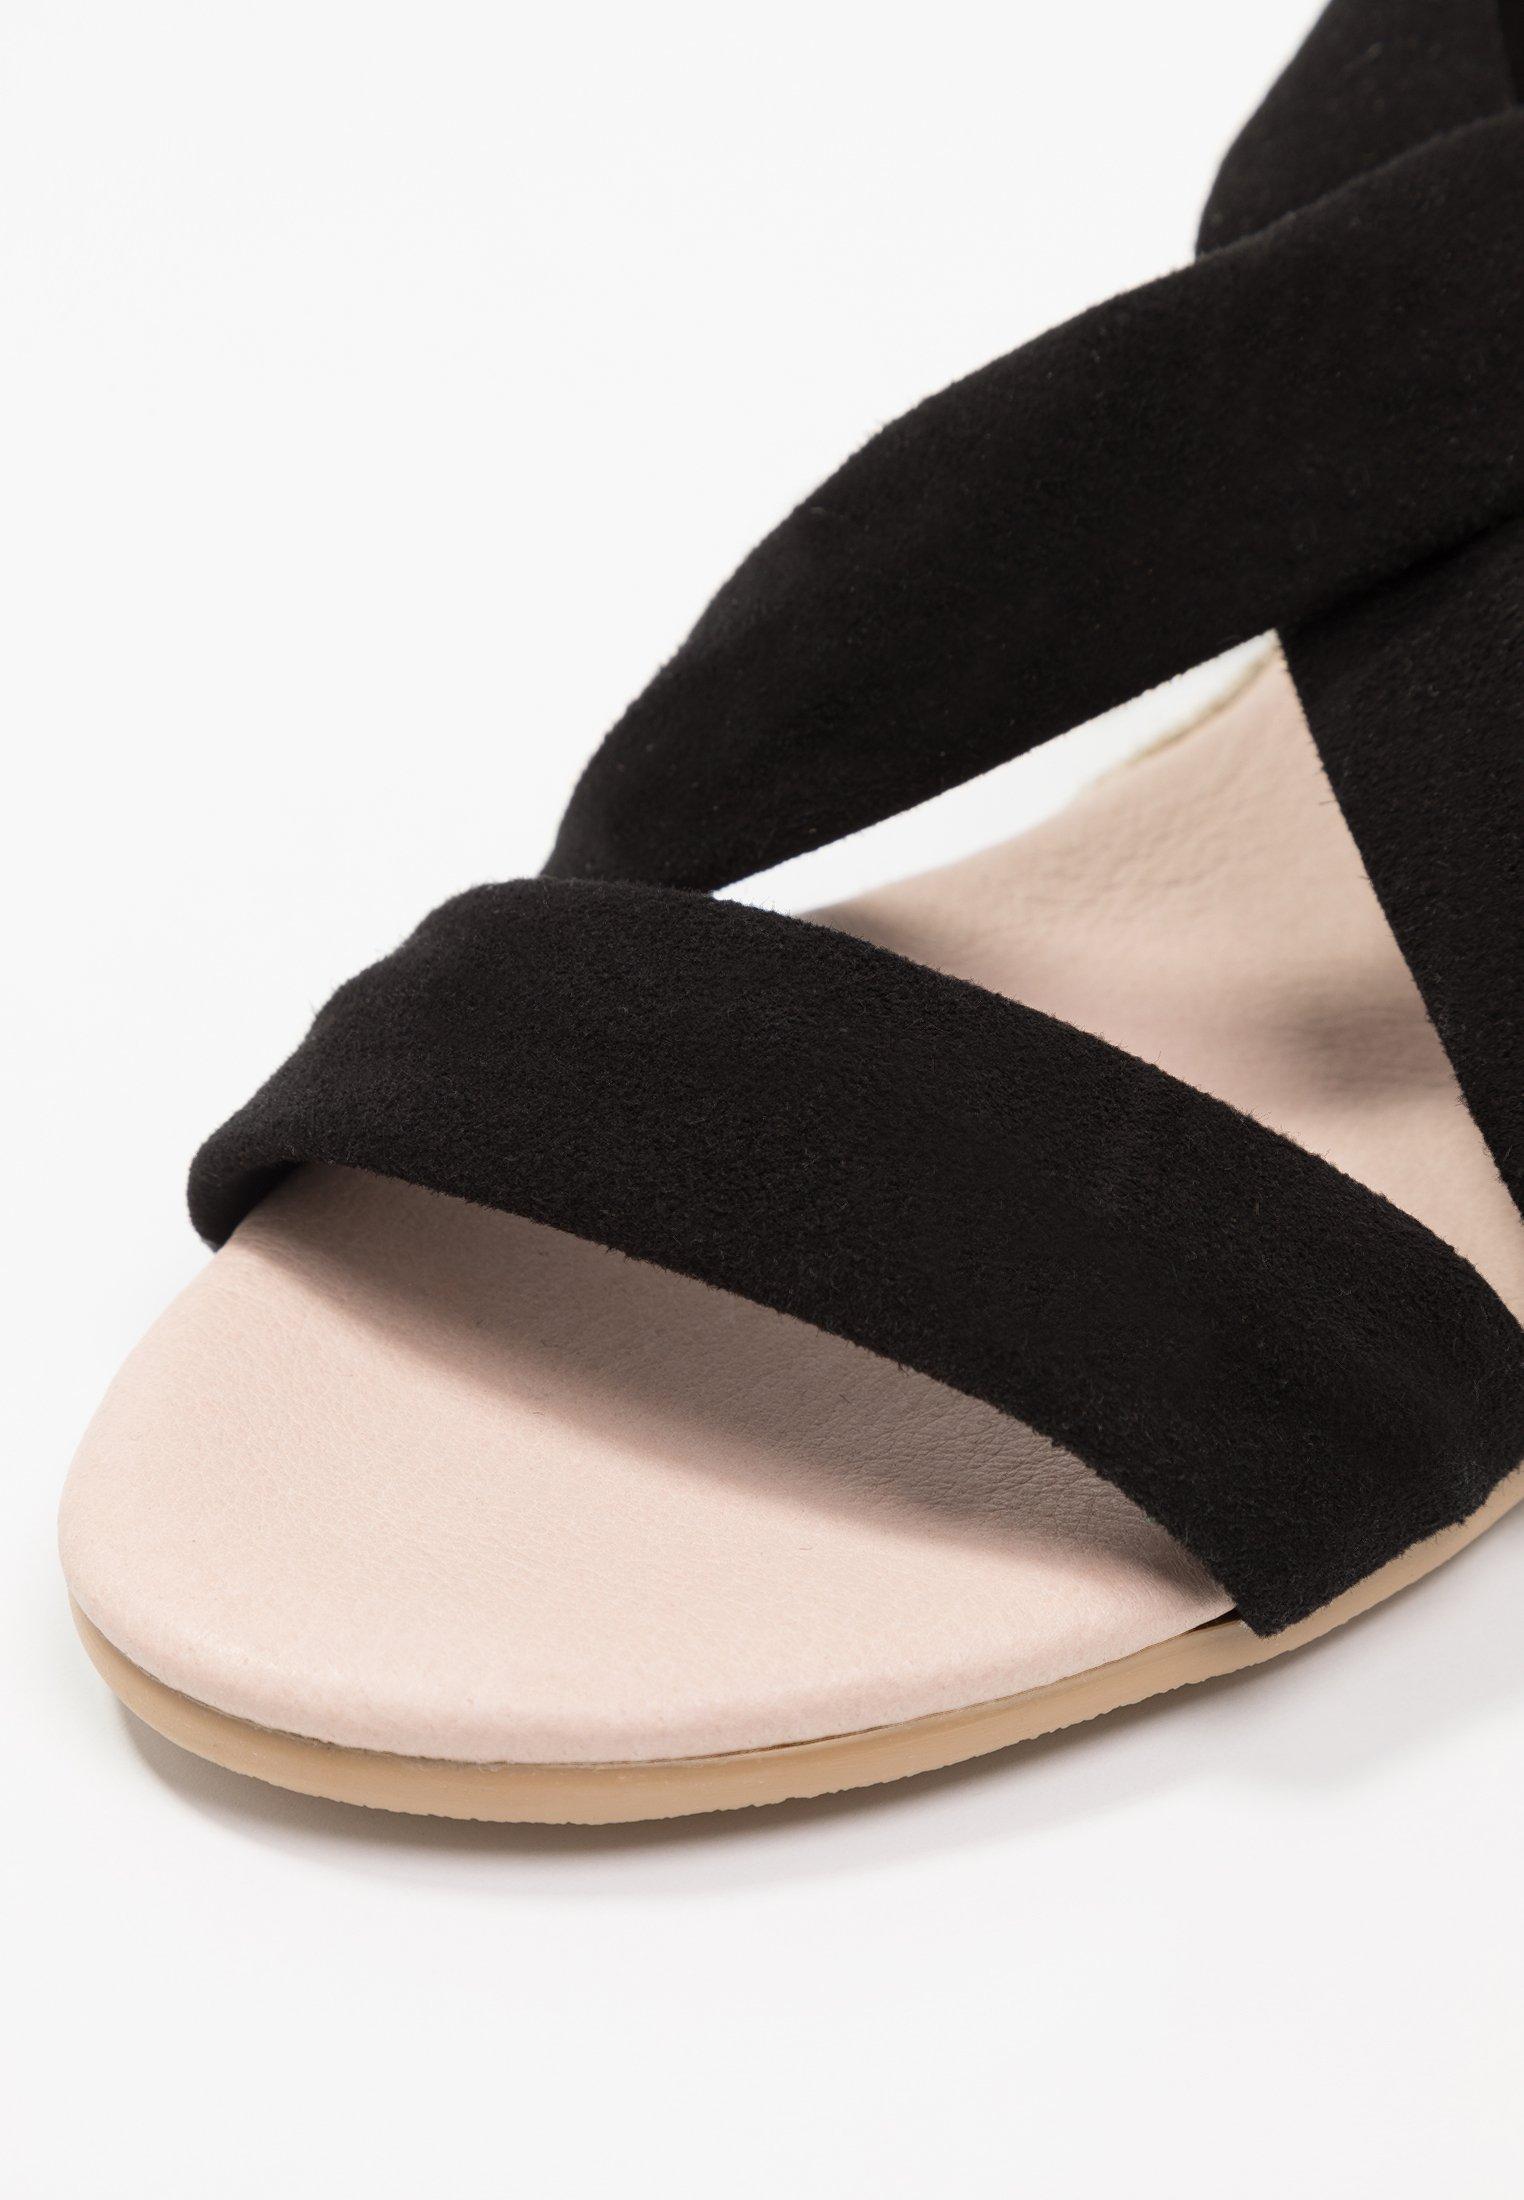 Sandales Kiomi Kiomi CompenséesBlack Kiomi Kiomi Sandales Kiomi CompenséesBlack CompenséesBlack CompenséesBlack Kiomi Sandales CompenséesBlack Sandales Sandales UqzGSMpV